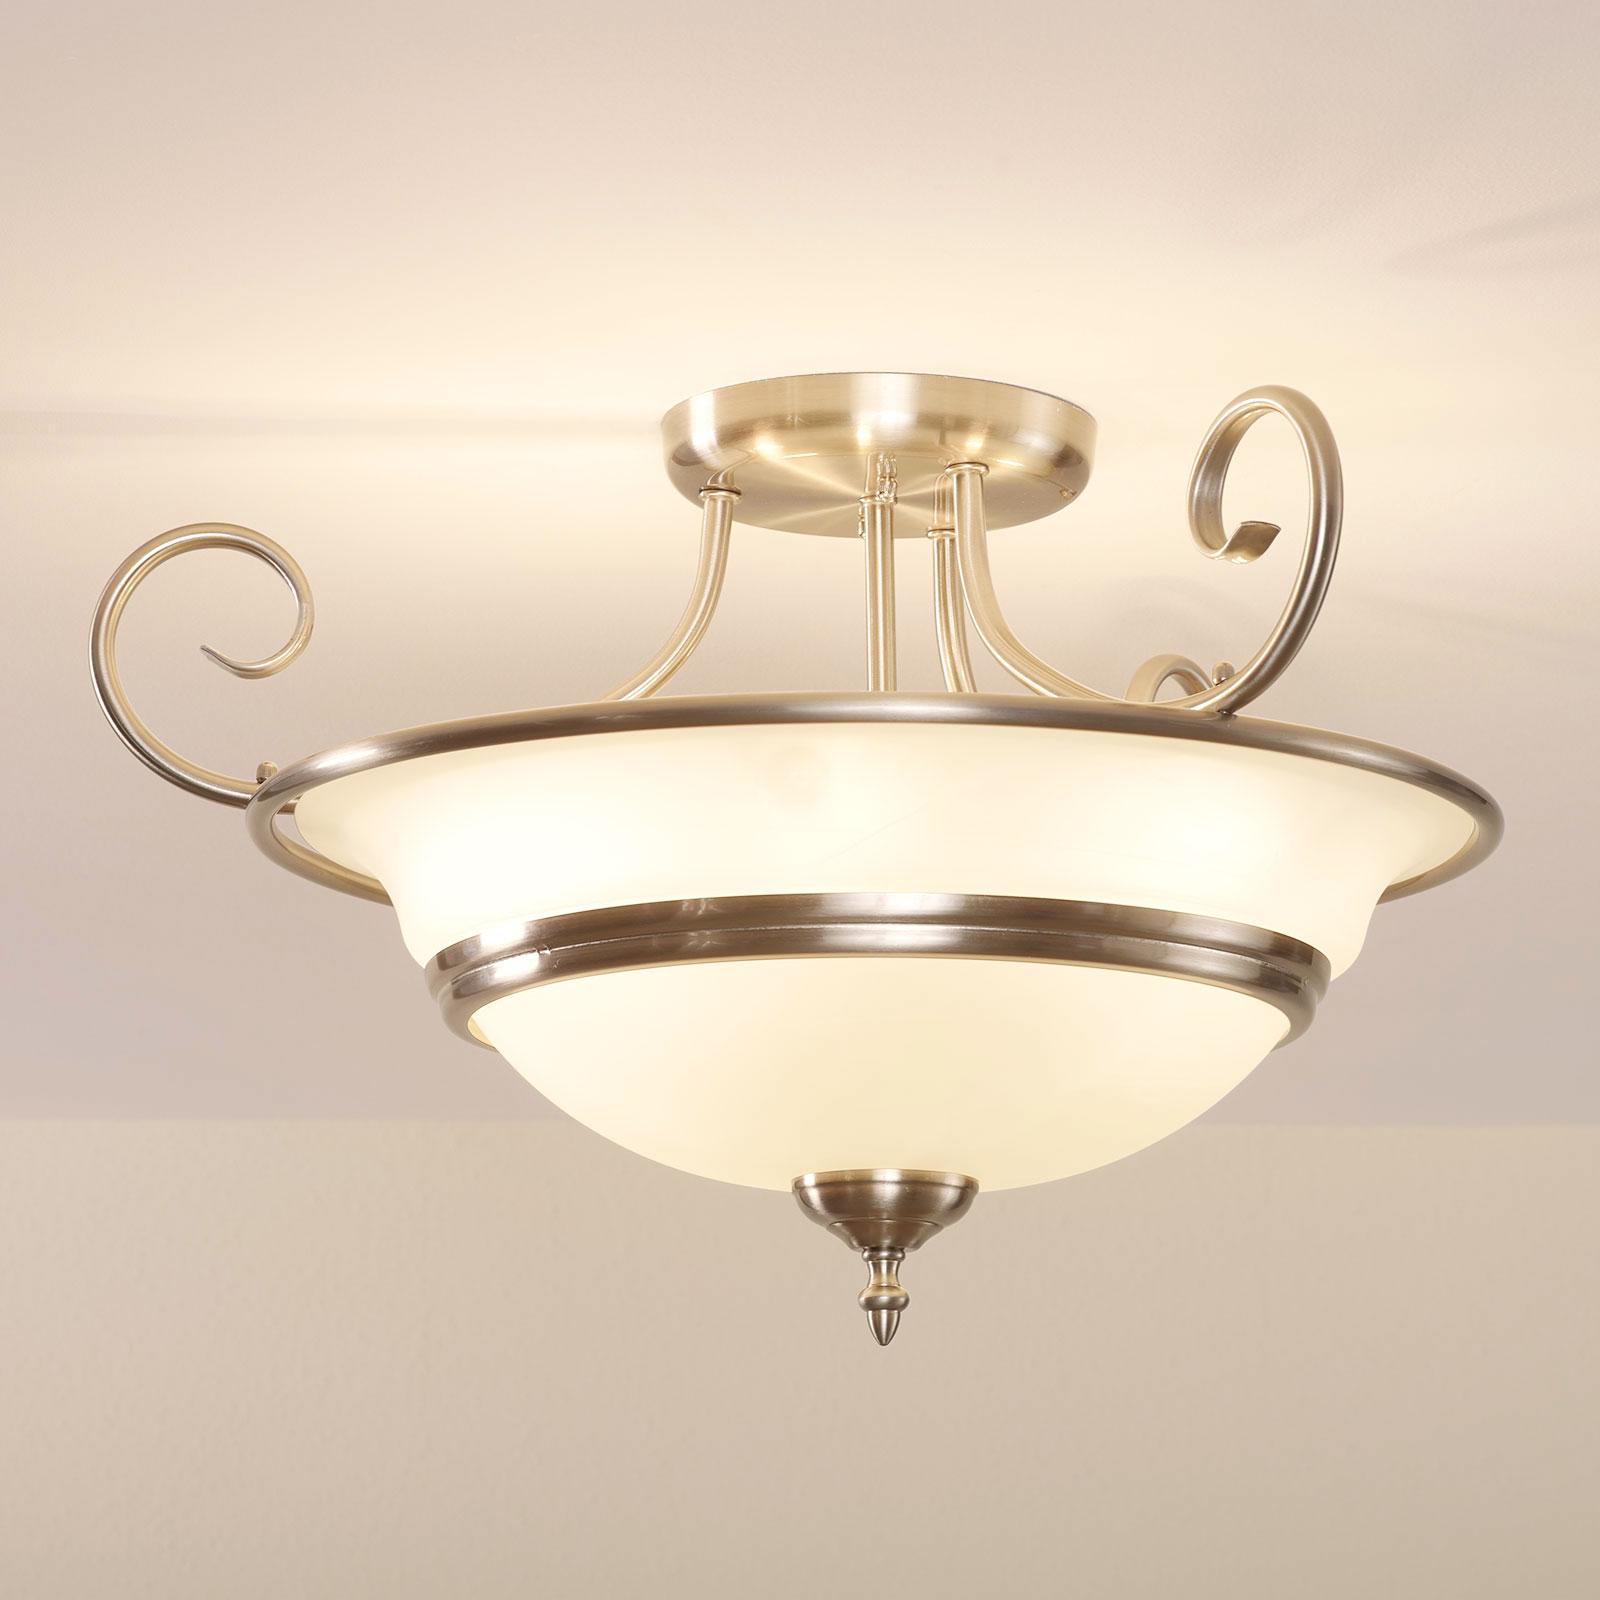 Deckenlampe Charlet Nickel Matt Glas Rund 5 x E14 Lampenwelt Klassisch Leuchte